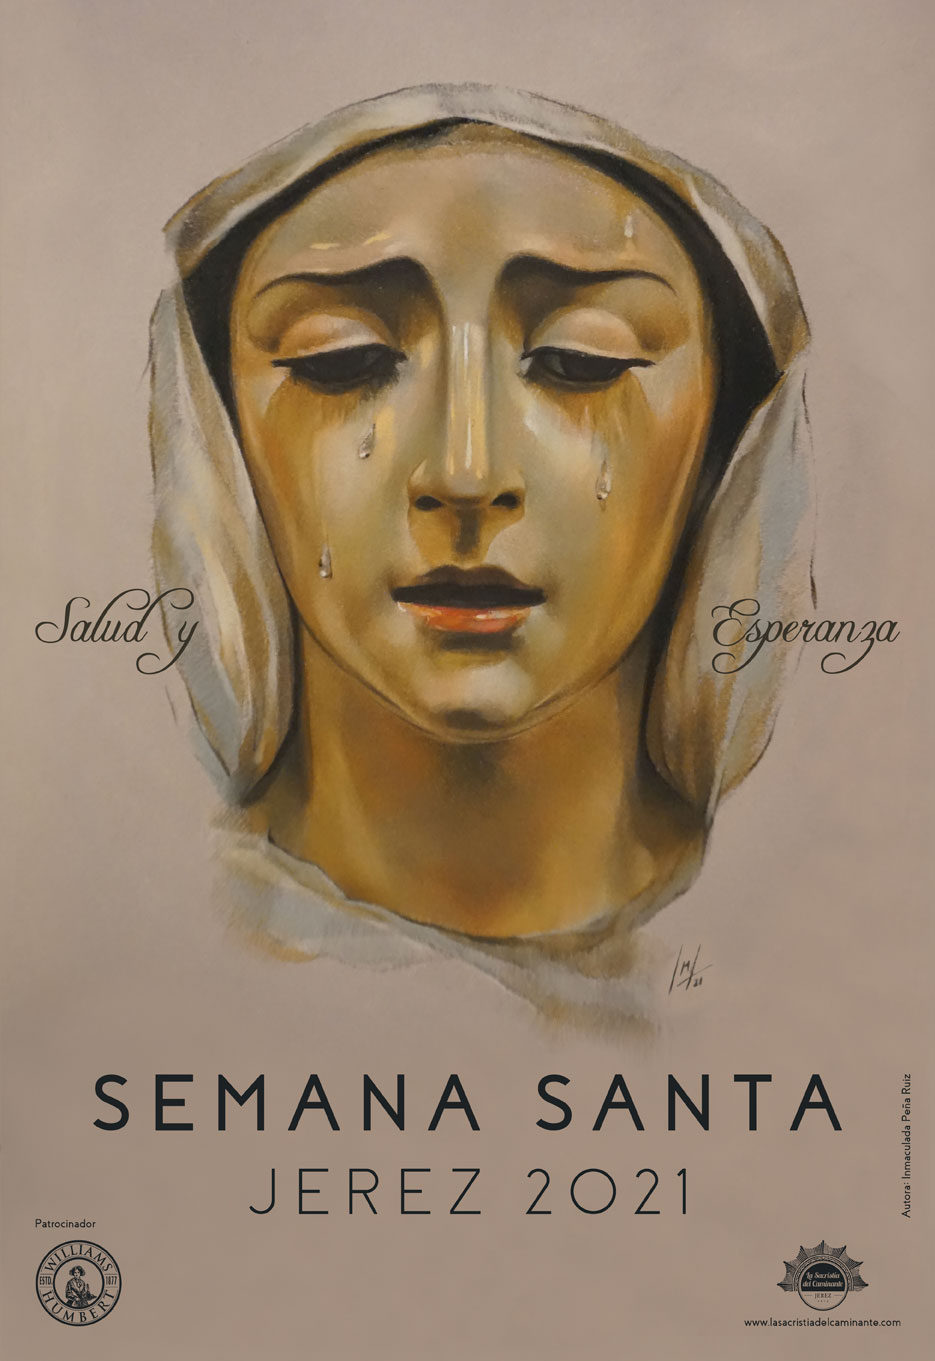 Cartel de la Semana Santa de Jerez 2021 de La Sacristía del Caminante